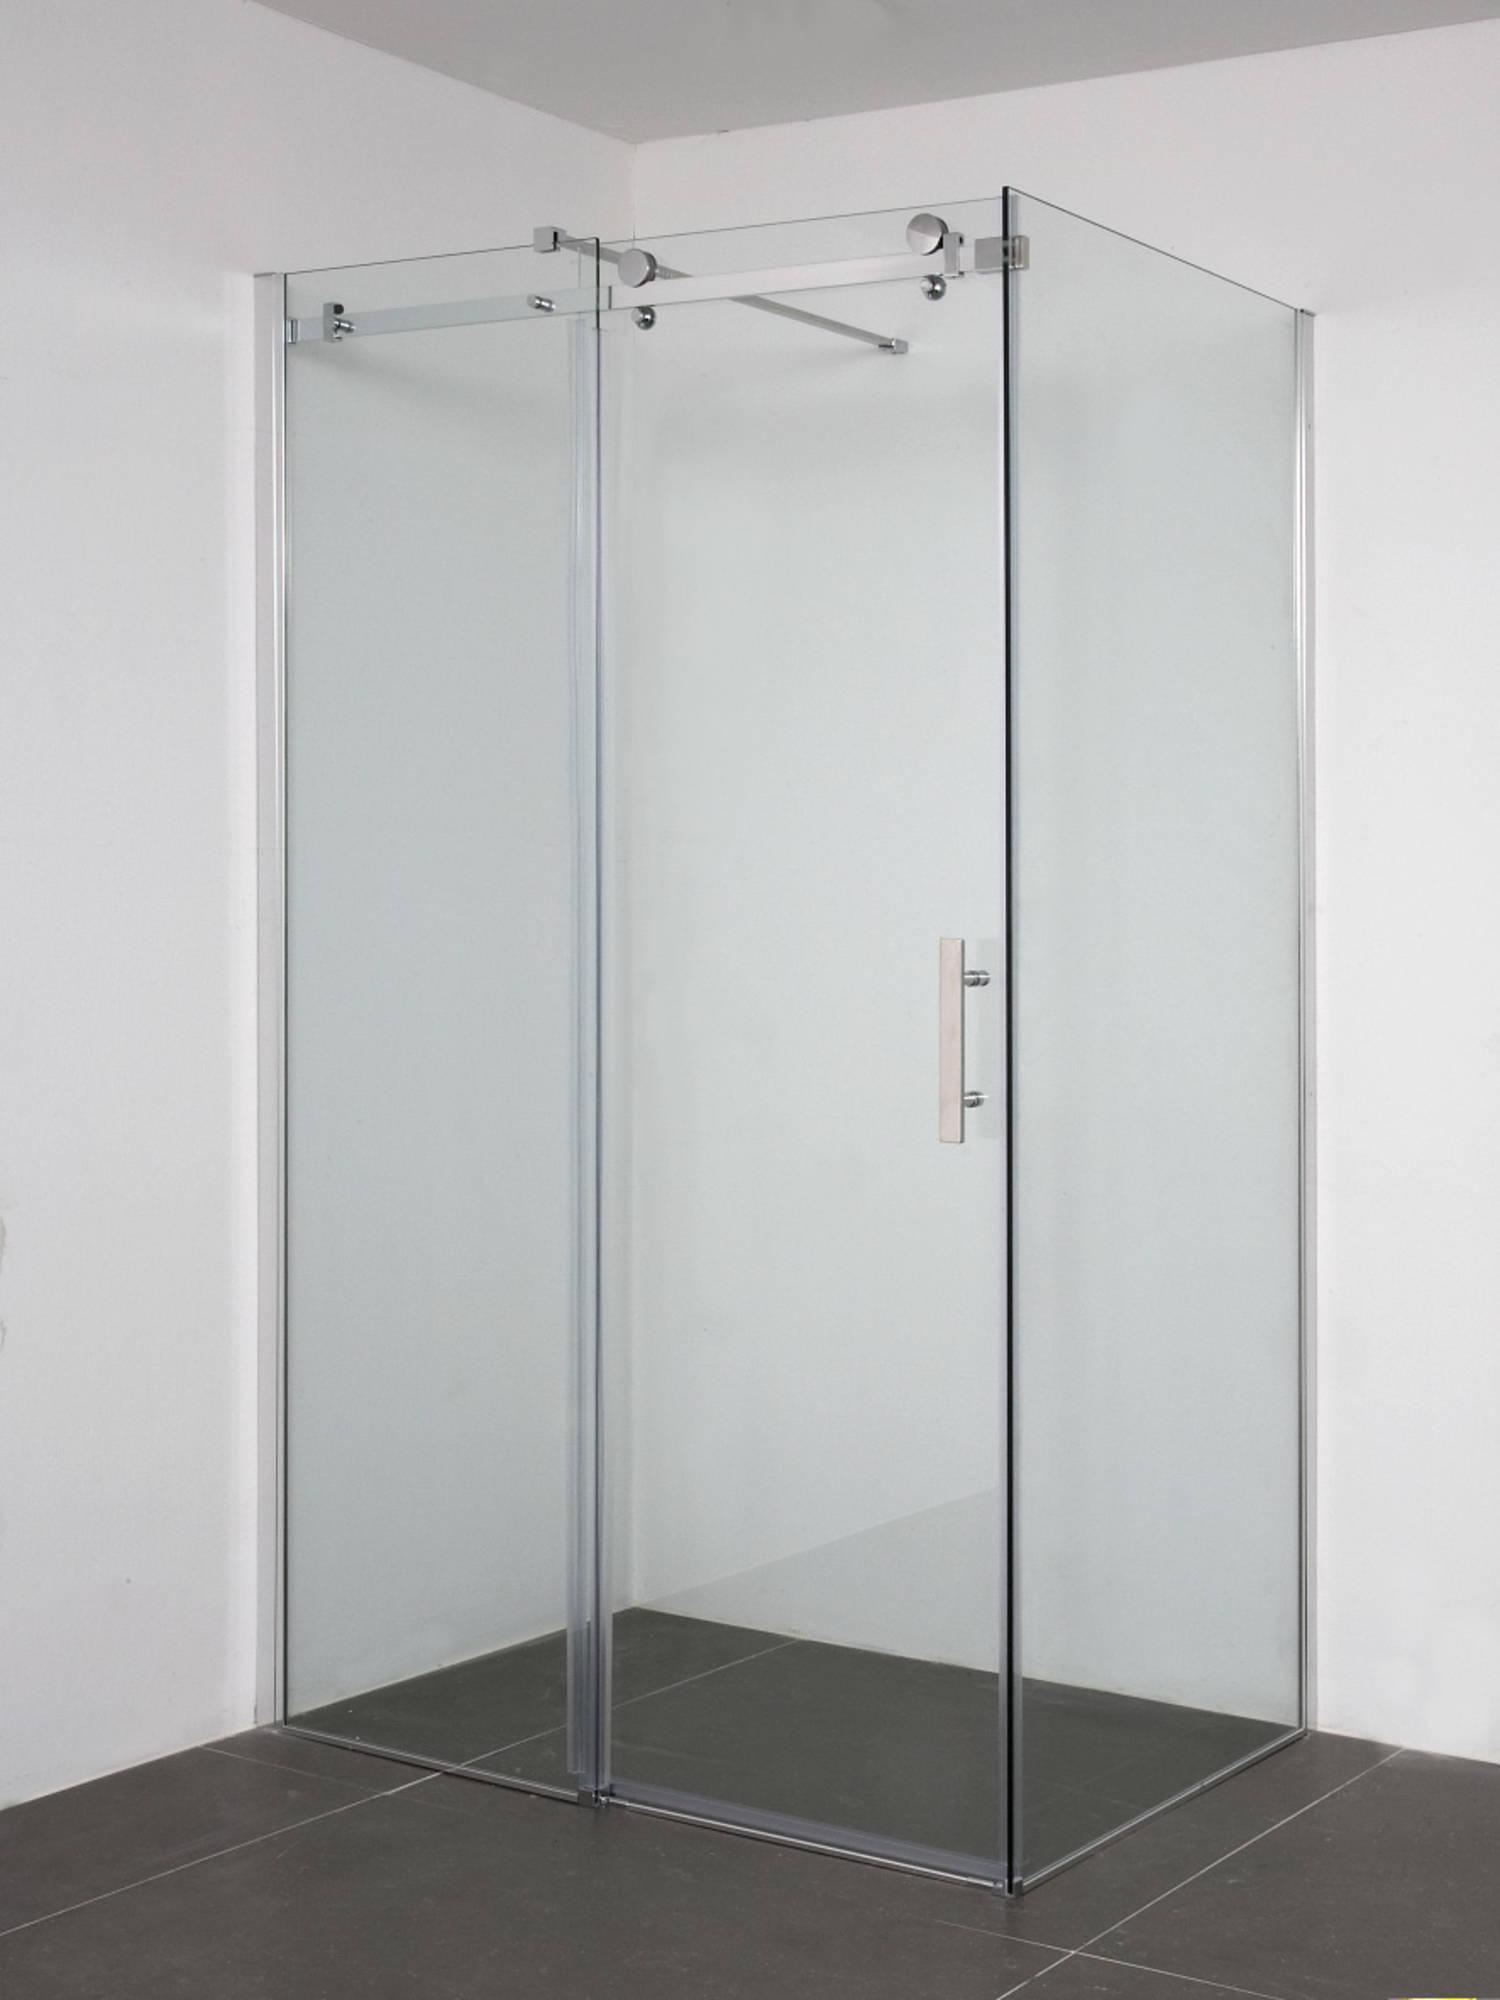 Saniselect Lomoni Zijwand voor schuifdeur 90x200cm Aluminium - Helder Glas